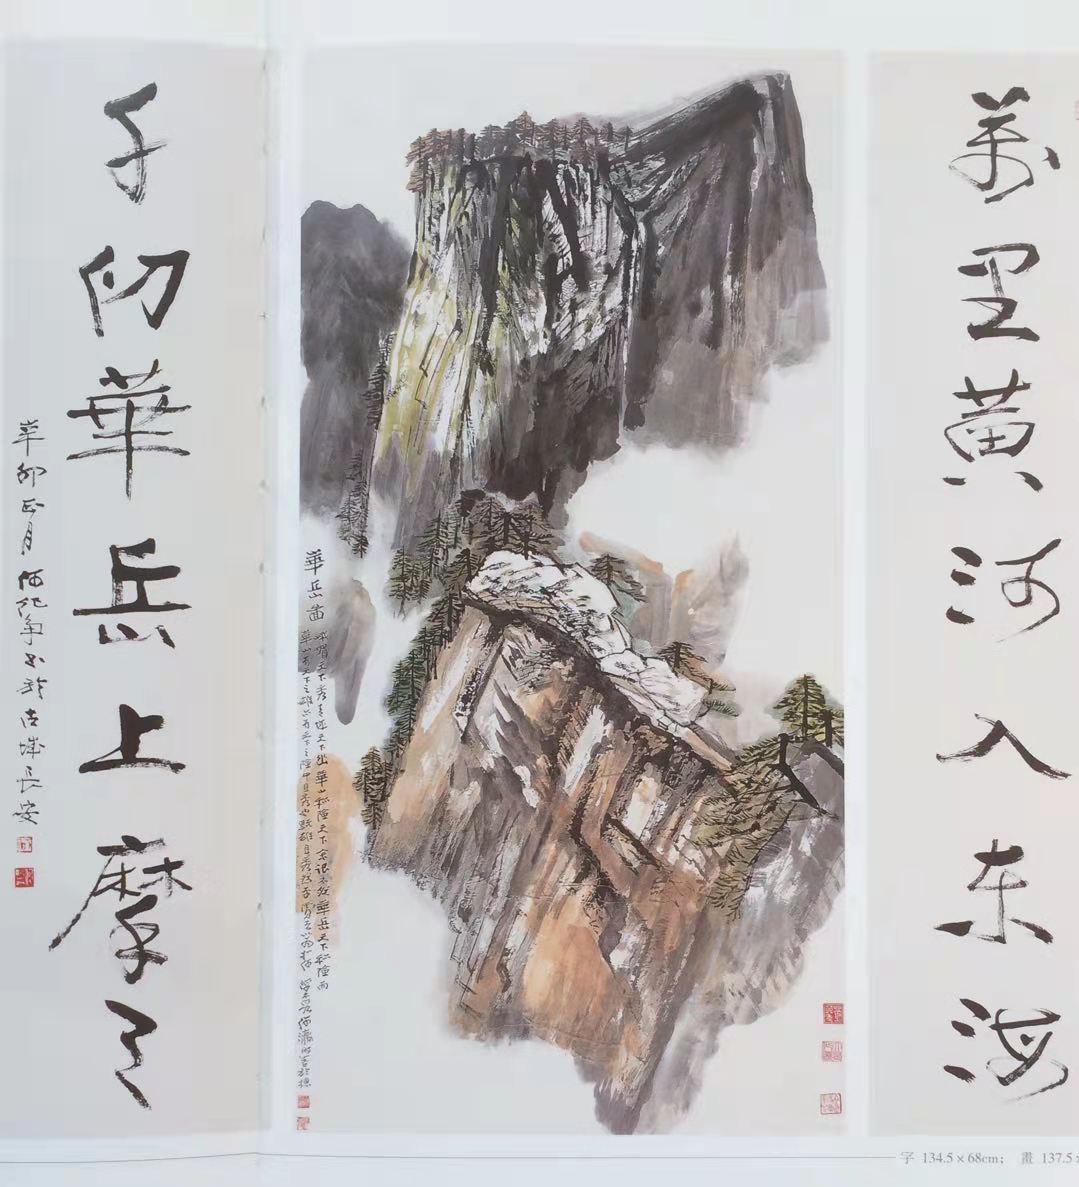 何海霞中堂山水,何纪争对联136/33/2多次出版中堂尺寸136/68